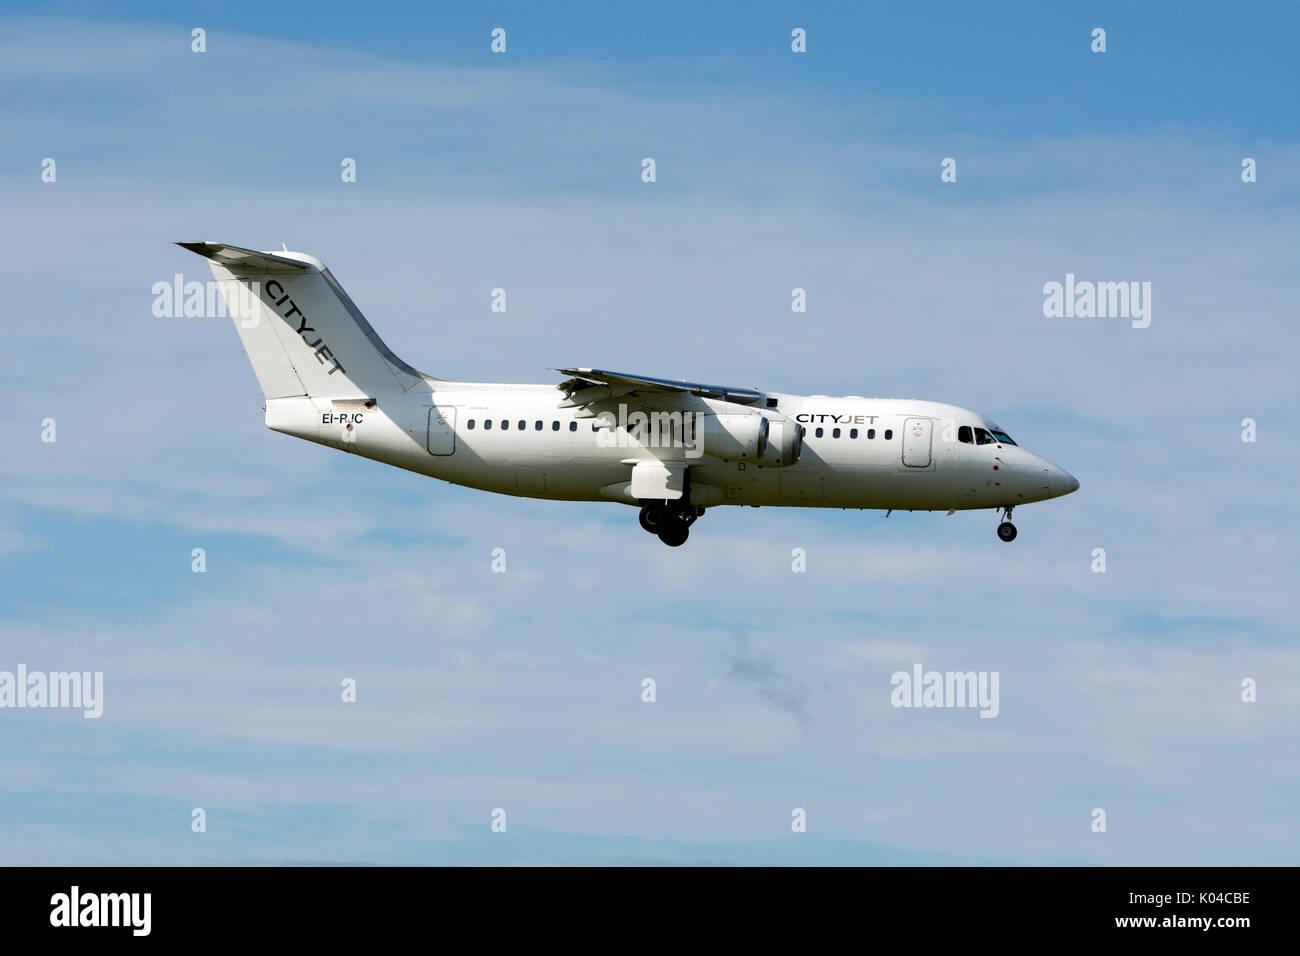 Cityjet Avro RJ85 landing at Birmingham Airport, UK (EI-RJC) - Stock Image